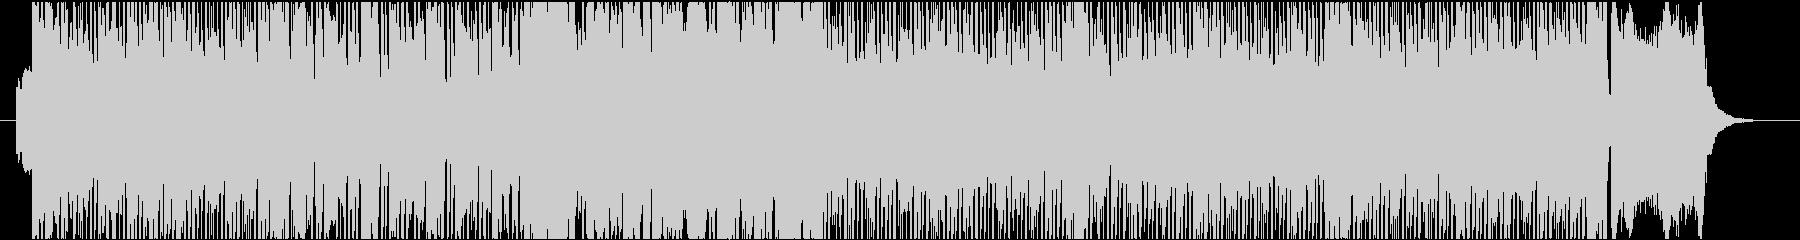 ヒロインアニメのテーマ曲風の未再生の波形